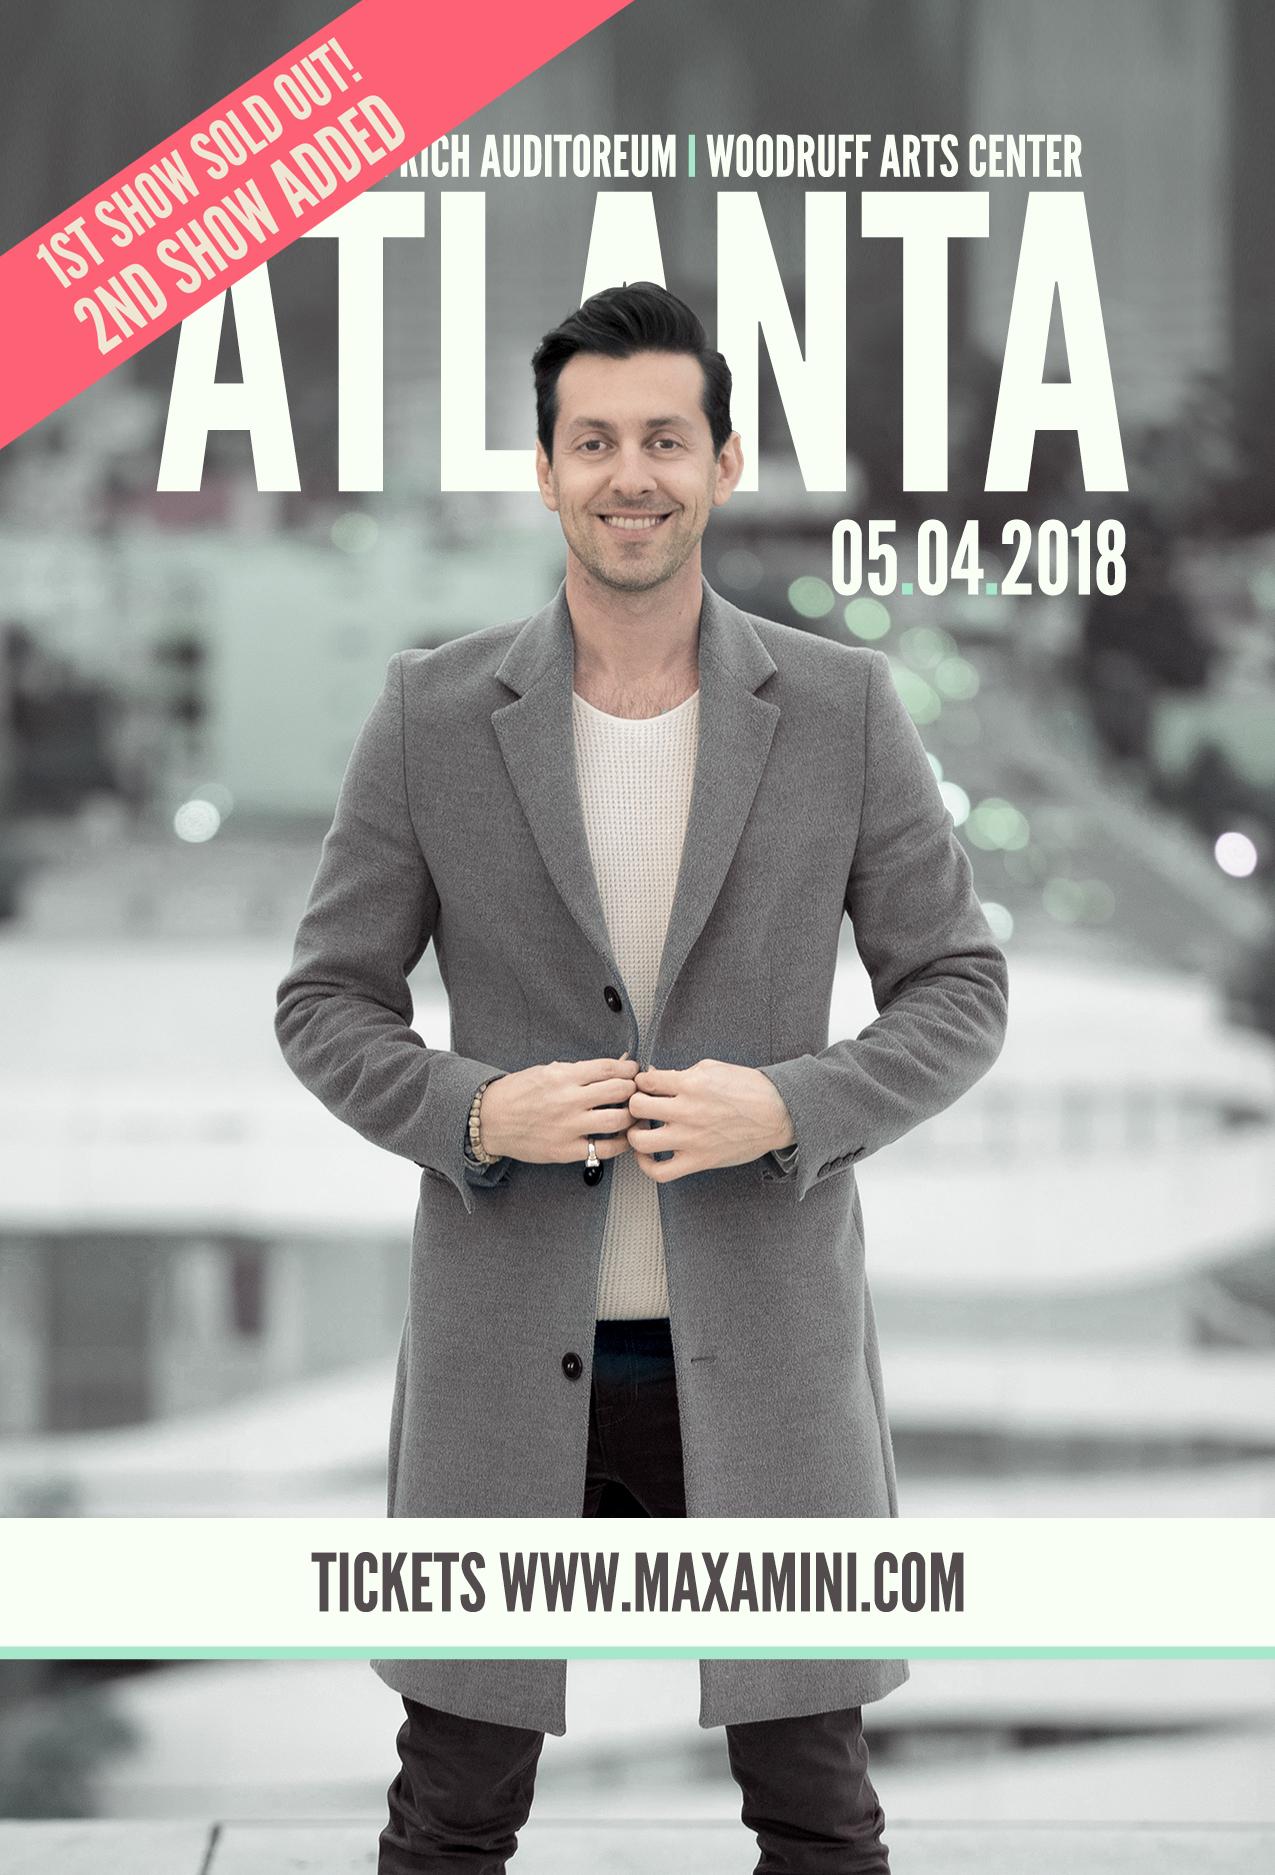 Atlanta_4x6_Sold_Out_2(1).jpg